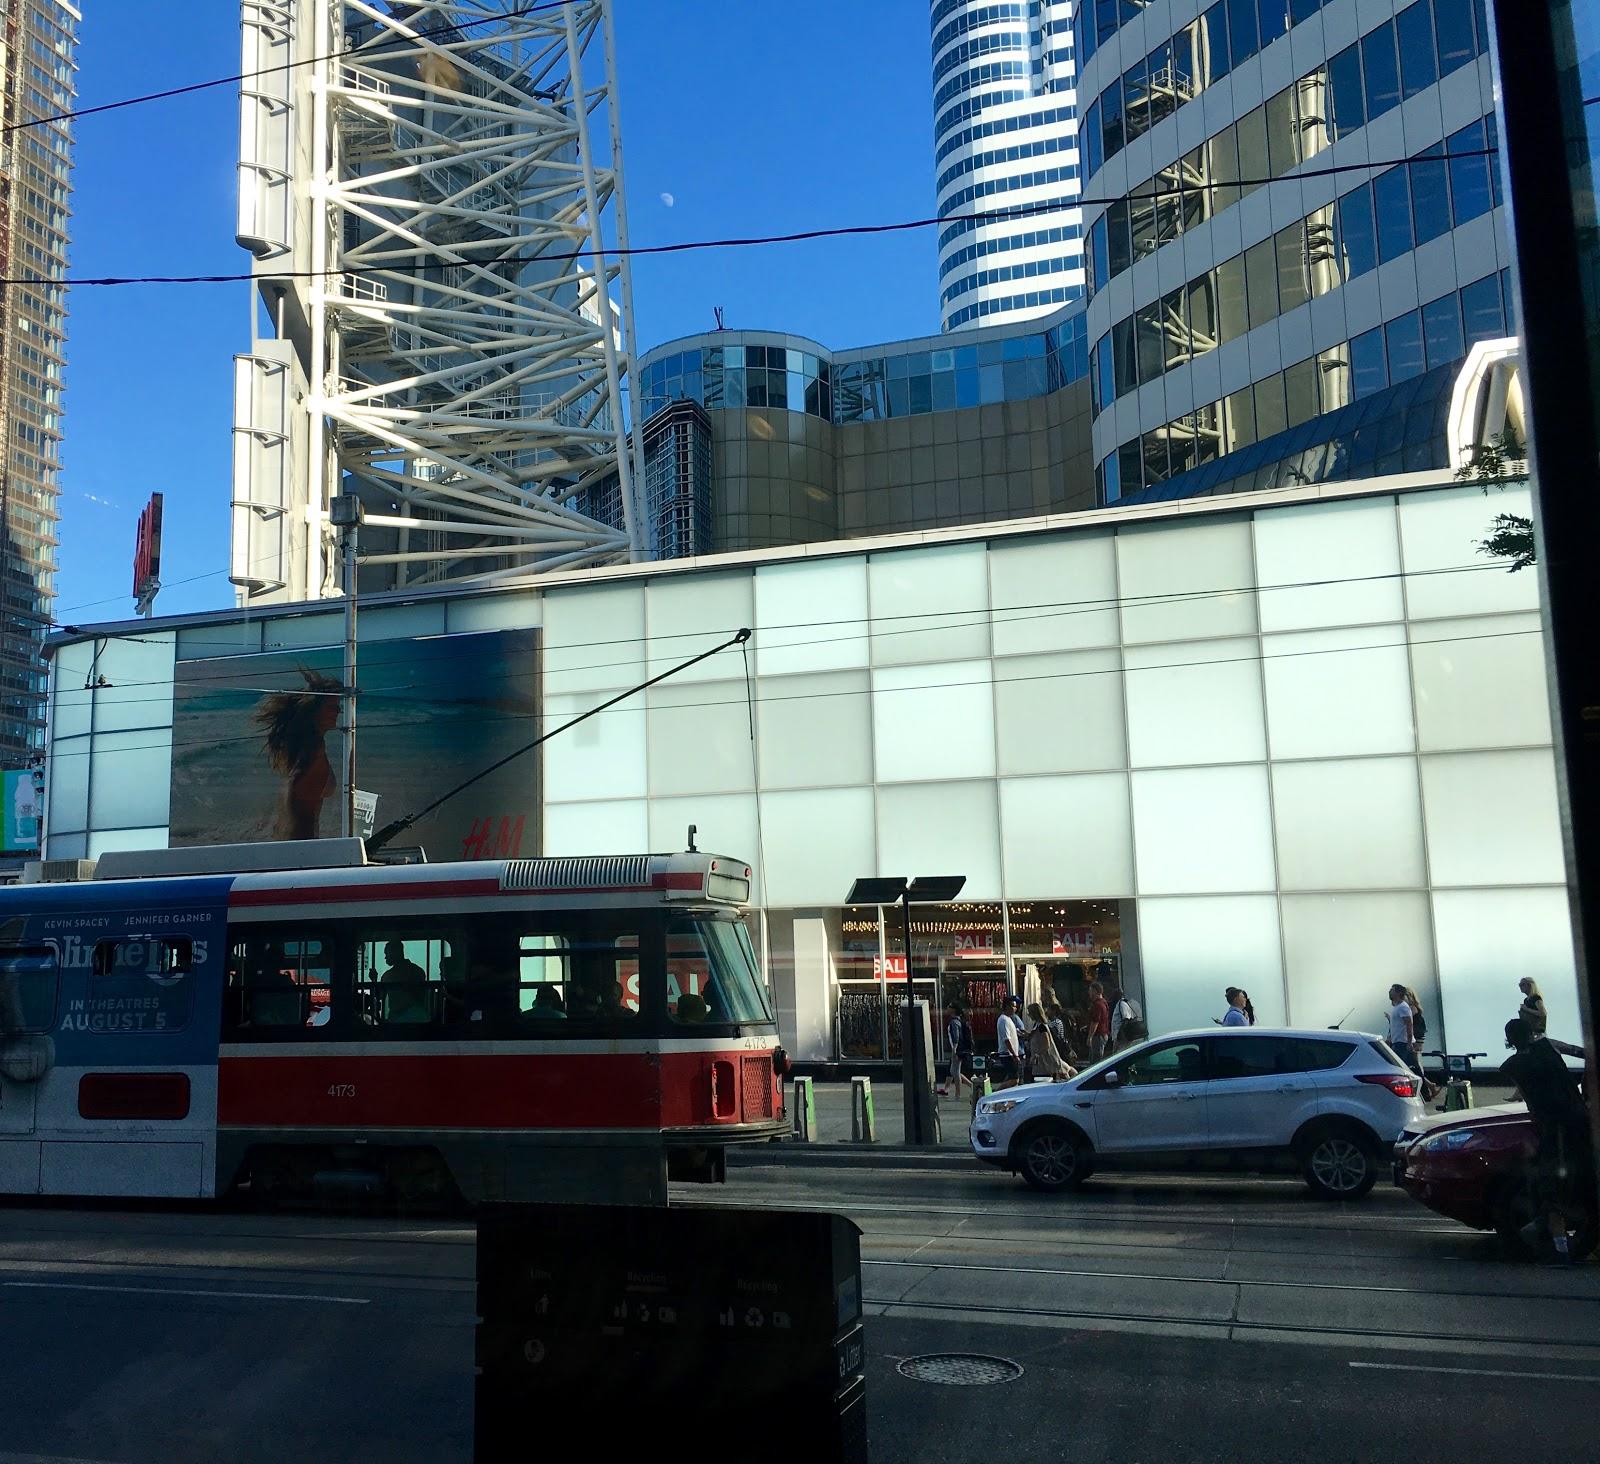 Toronto Street Car | Akinokiki